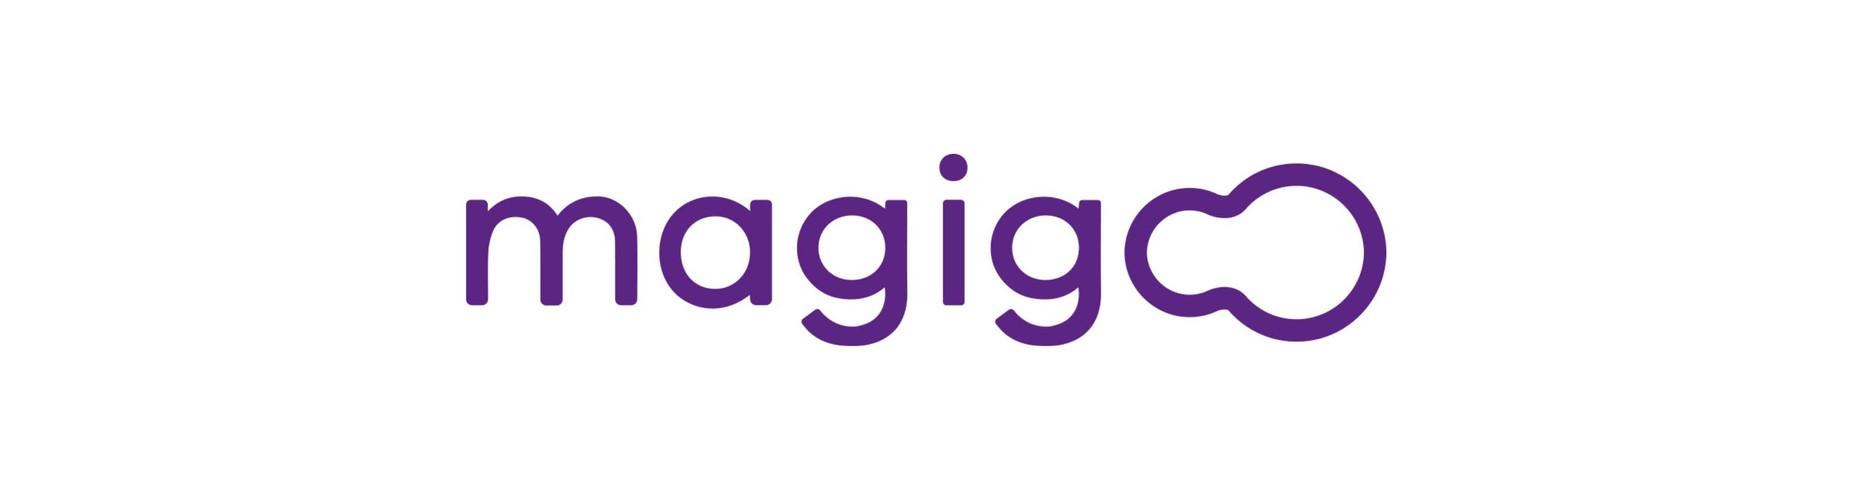 magigoo.jpg